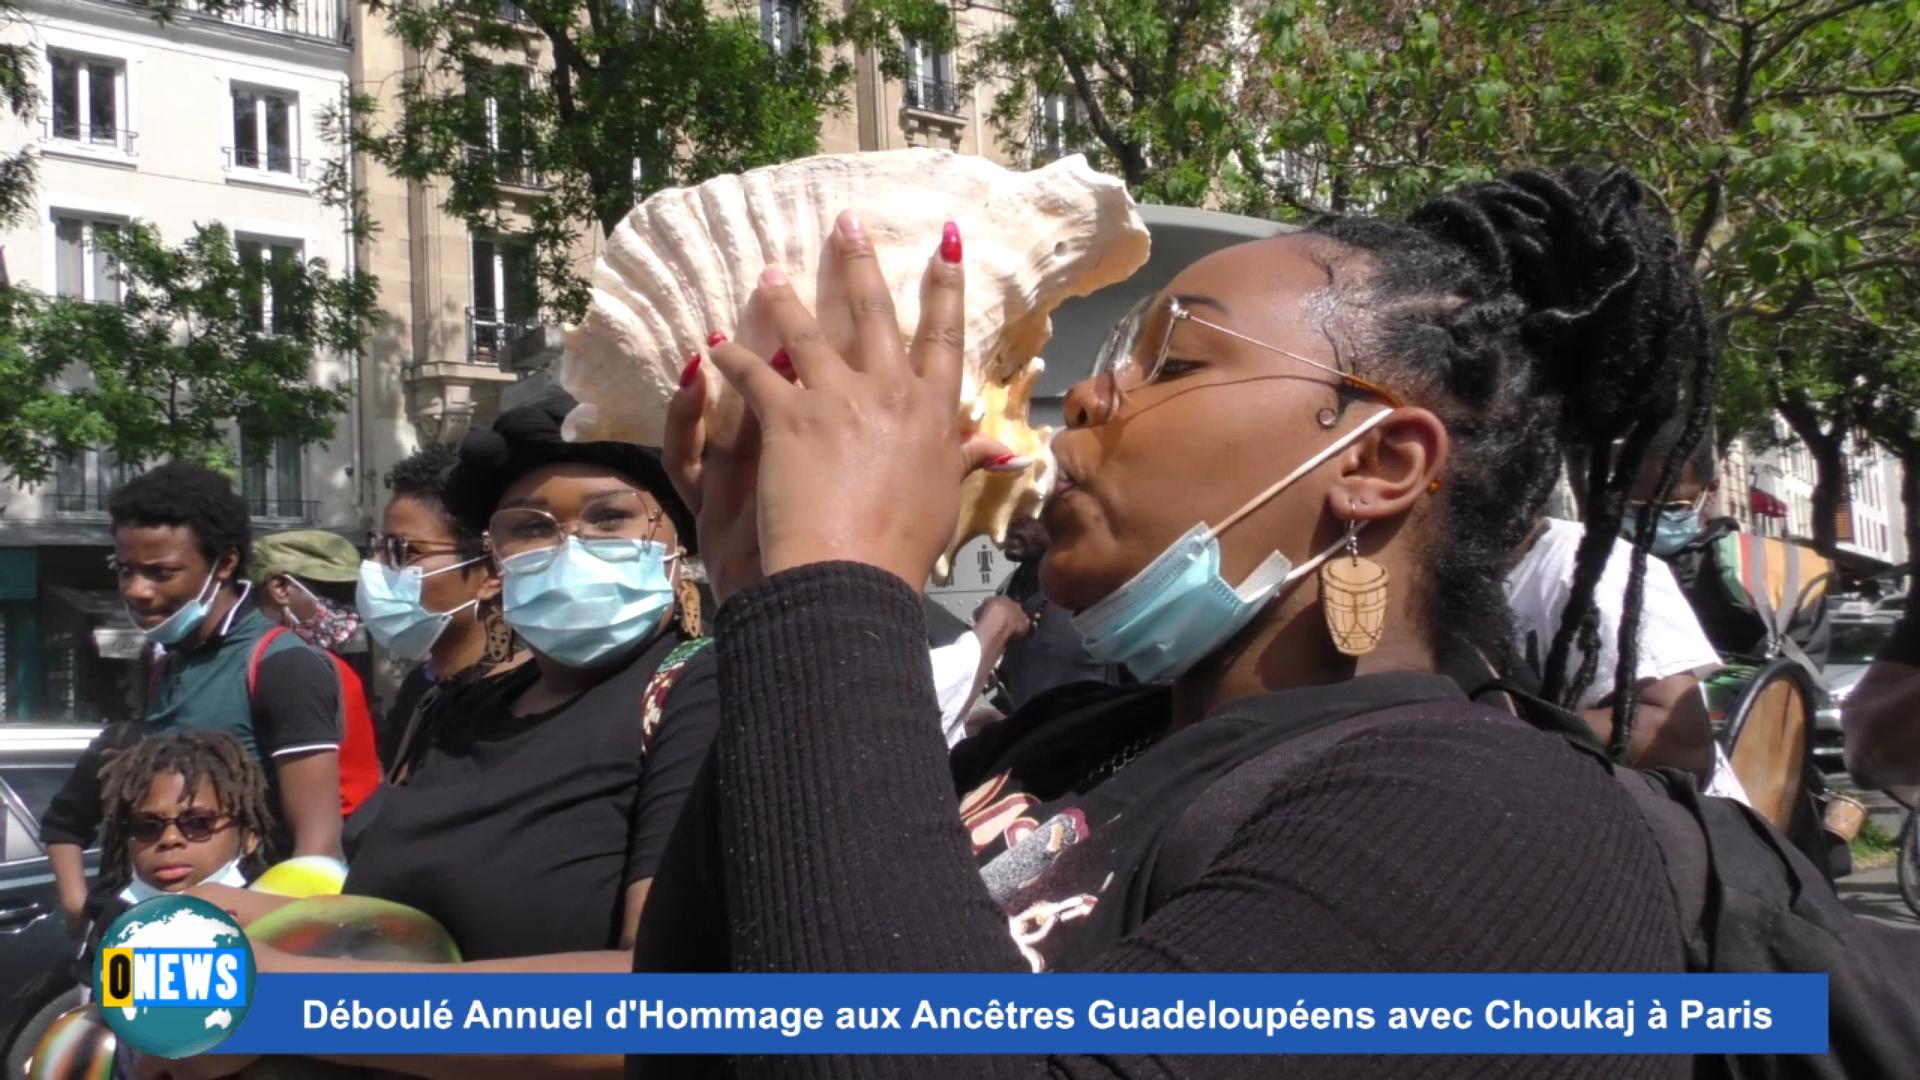 [Vidéo] Onews Hexagone. Déboulé à Paris en Hommage aux Ancêtres victimes de l esclavage avec choukaj